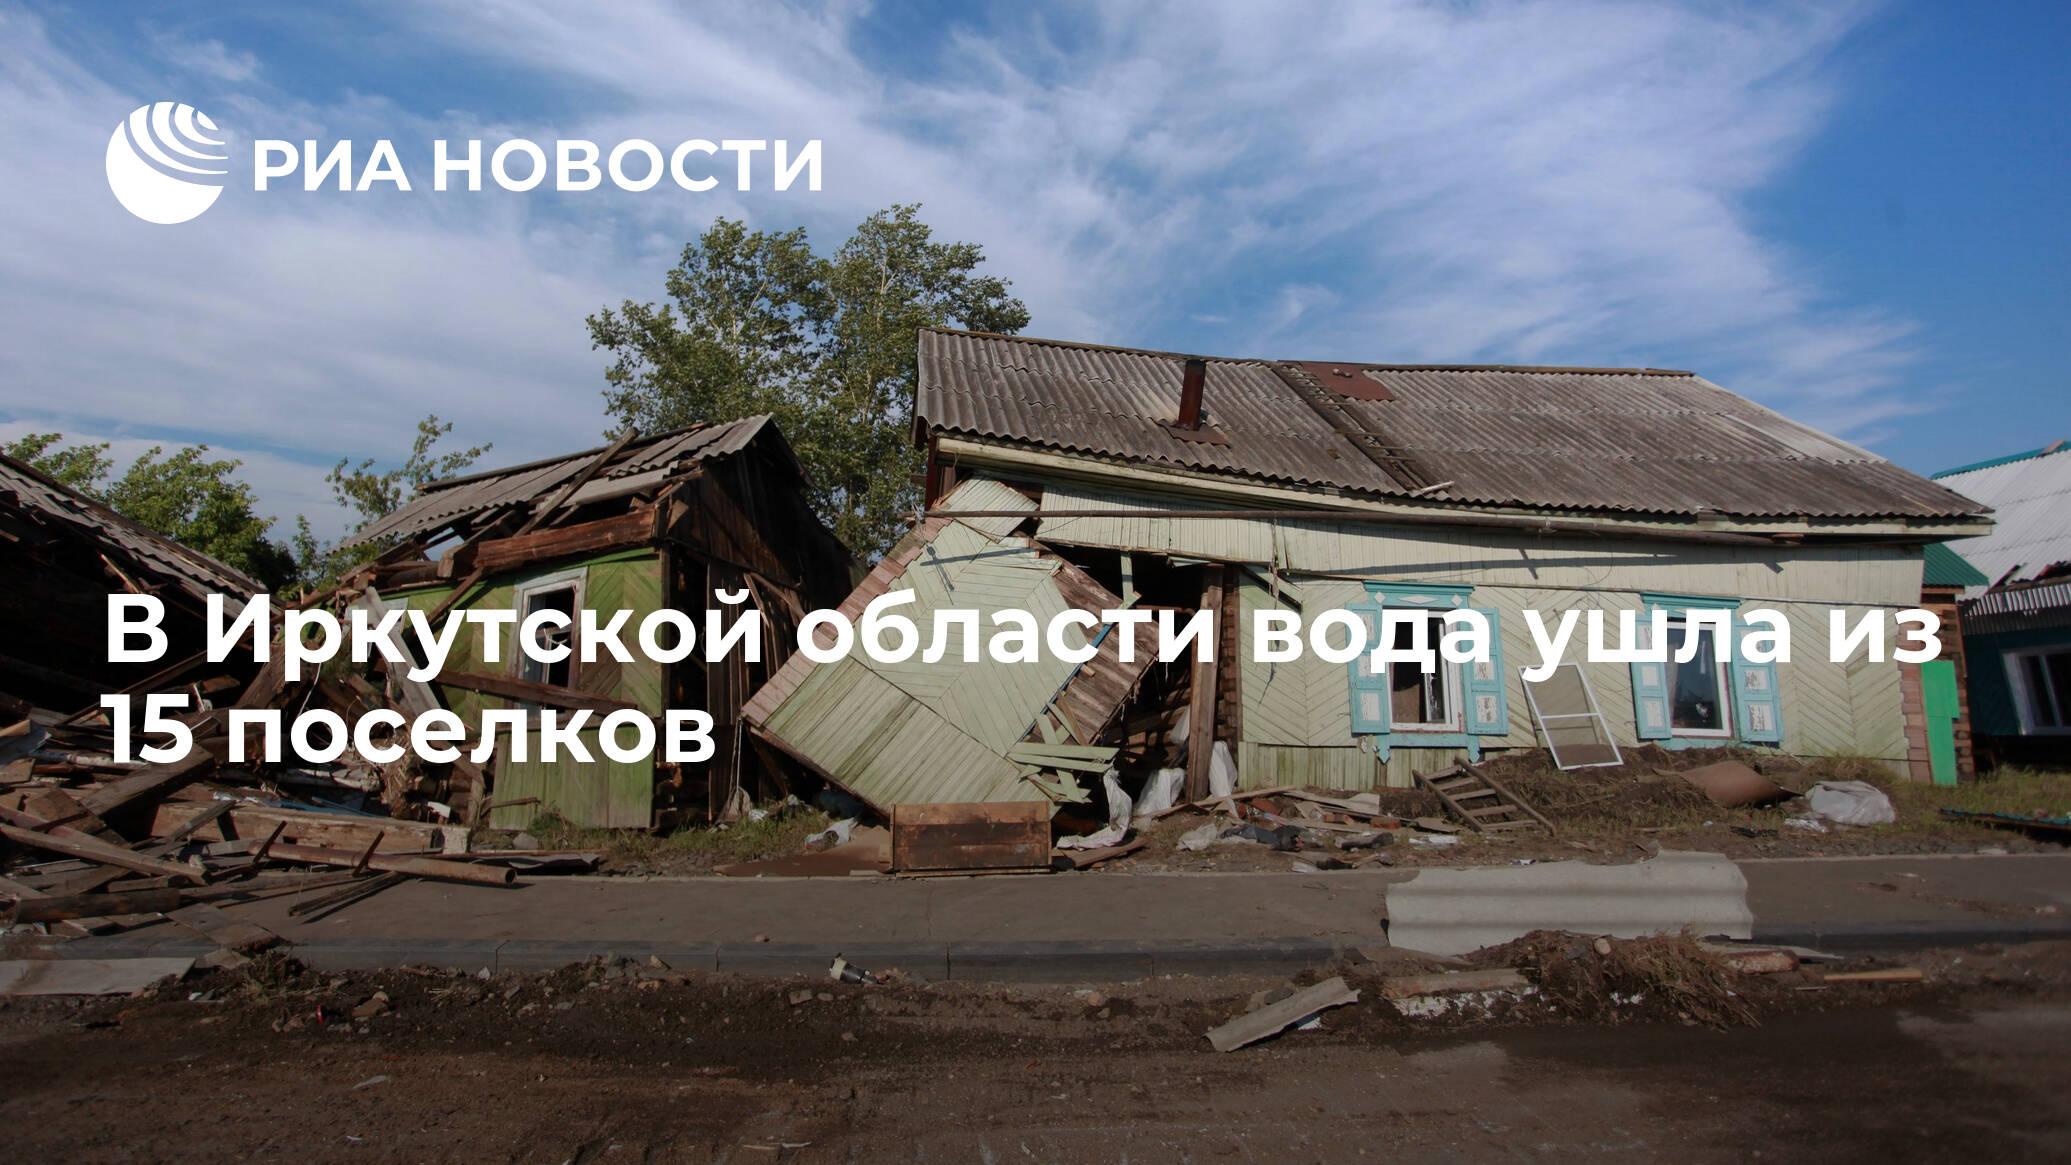 В Иркутской области вода ушла из 15 поселков